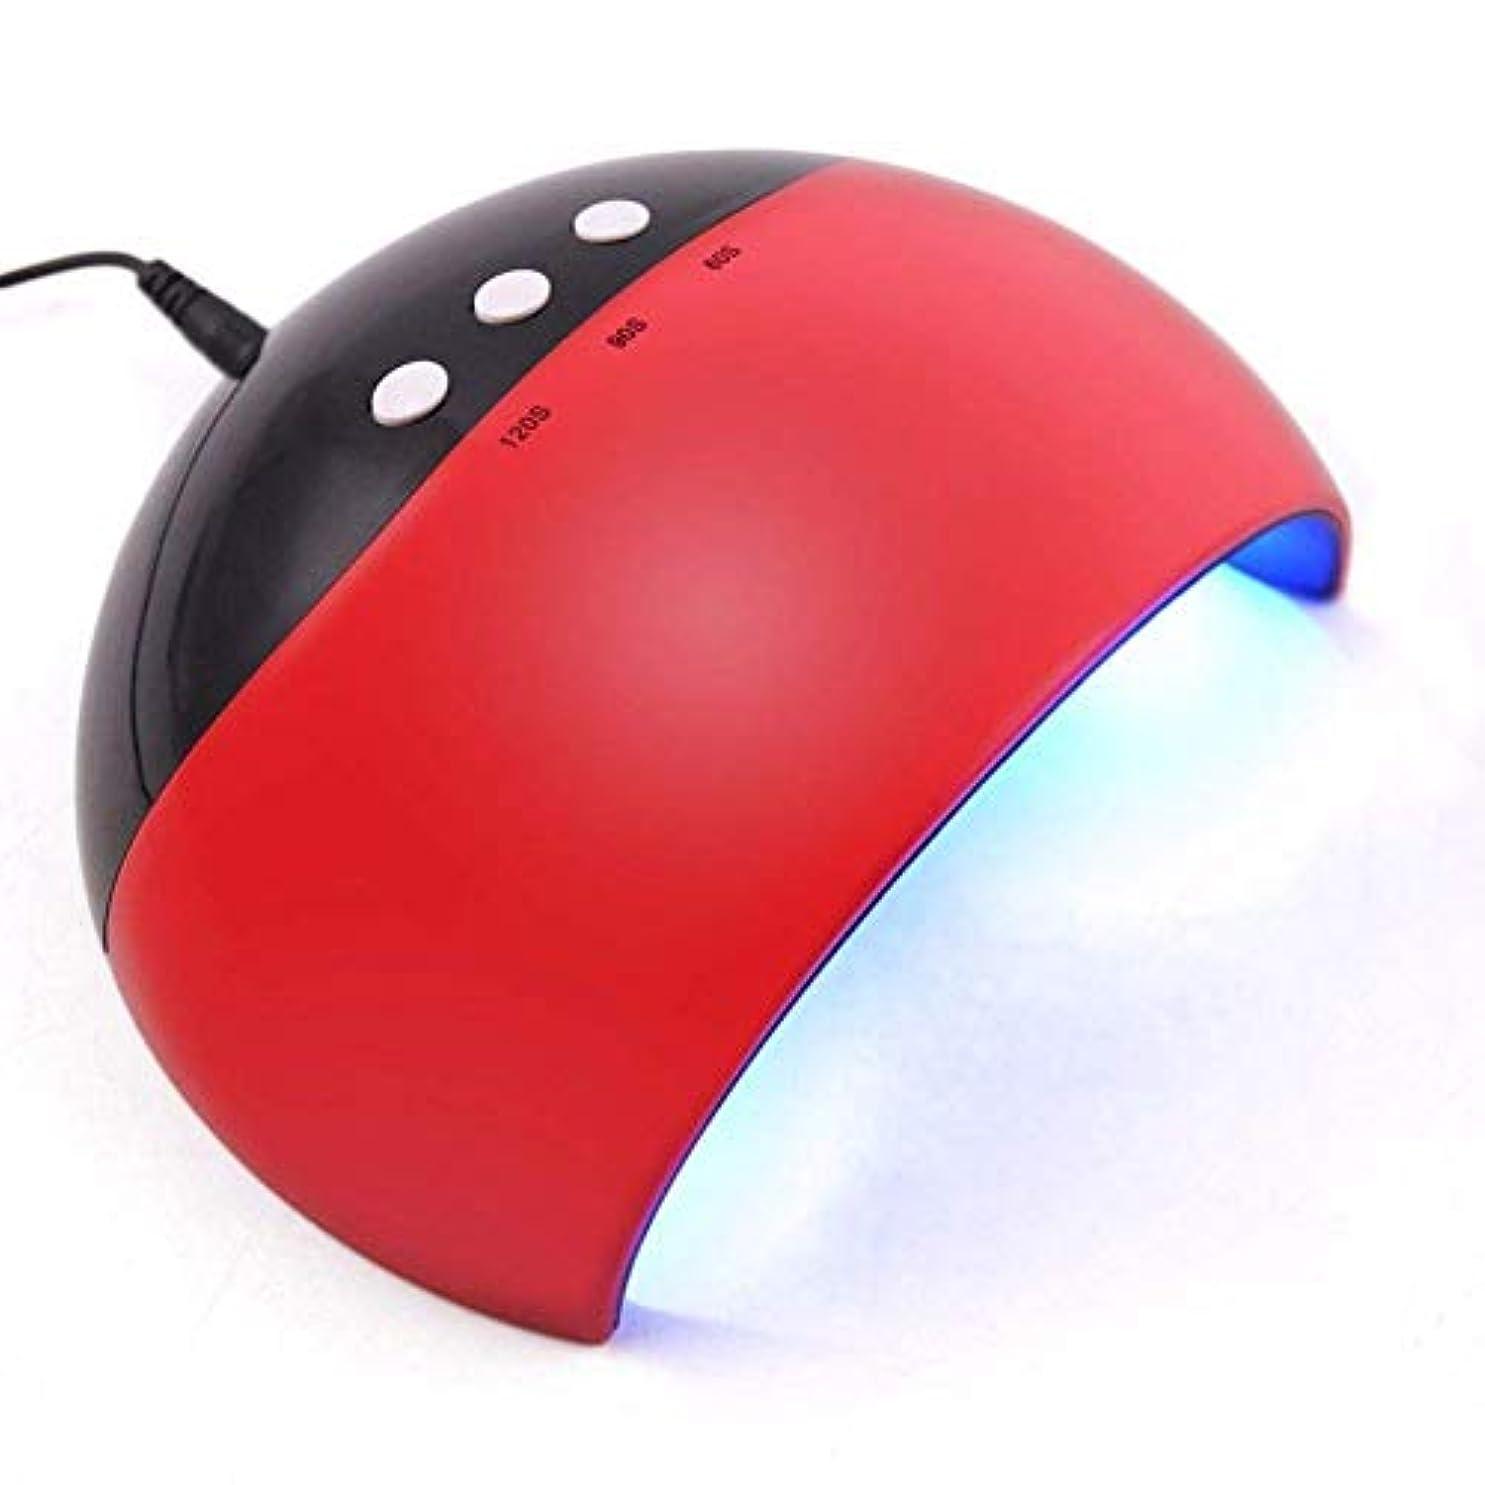 一貫性のないご覧ください極めて重要なネイルドライヤー新しいスタイルLED UVネイルドライヤーポータブルサポートUSB LEDランプネイルドライヤーUV硬化ゲル用速乾性24WサポートUSB充電、写真の色